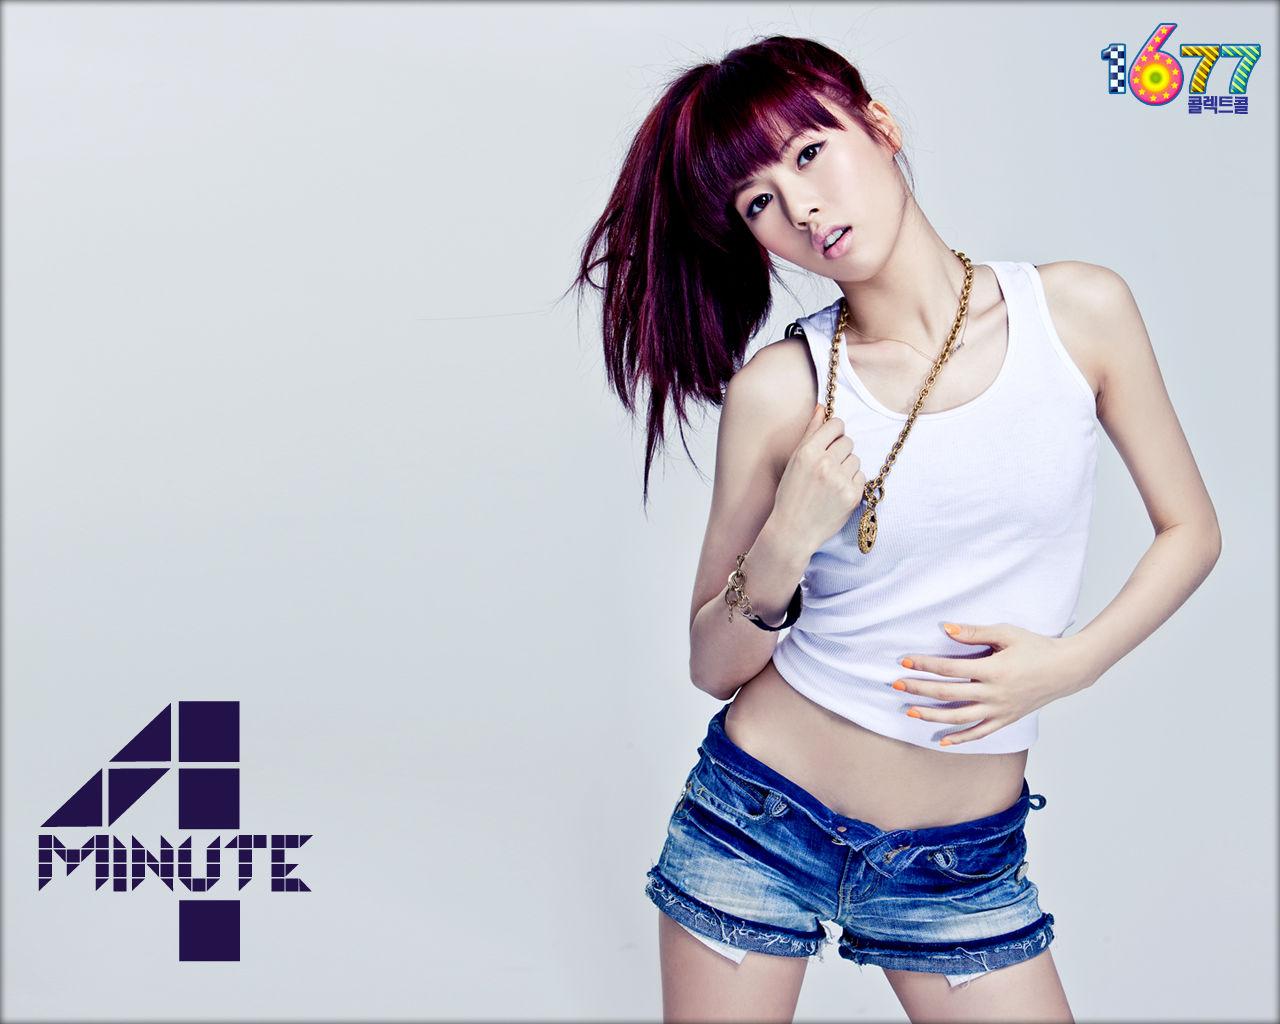 Ni débil ni sentimental...[Kim WonDae] South+Korean+dance-pop+singer+Kim+Hyun+A+%252862%2529